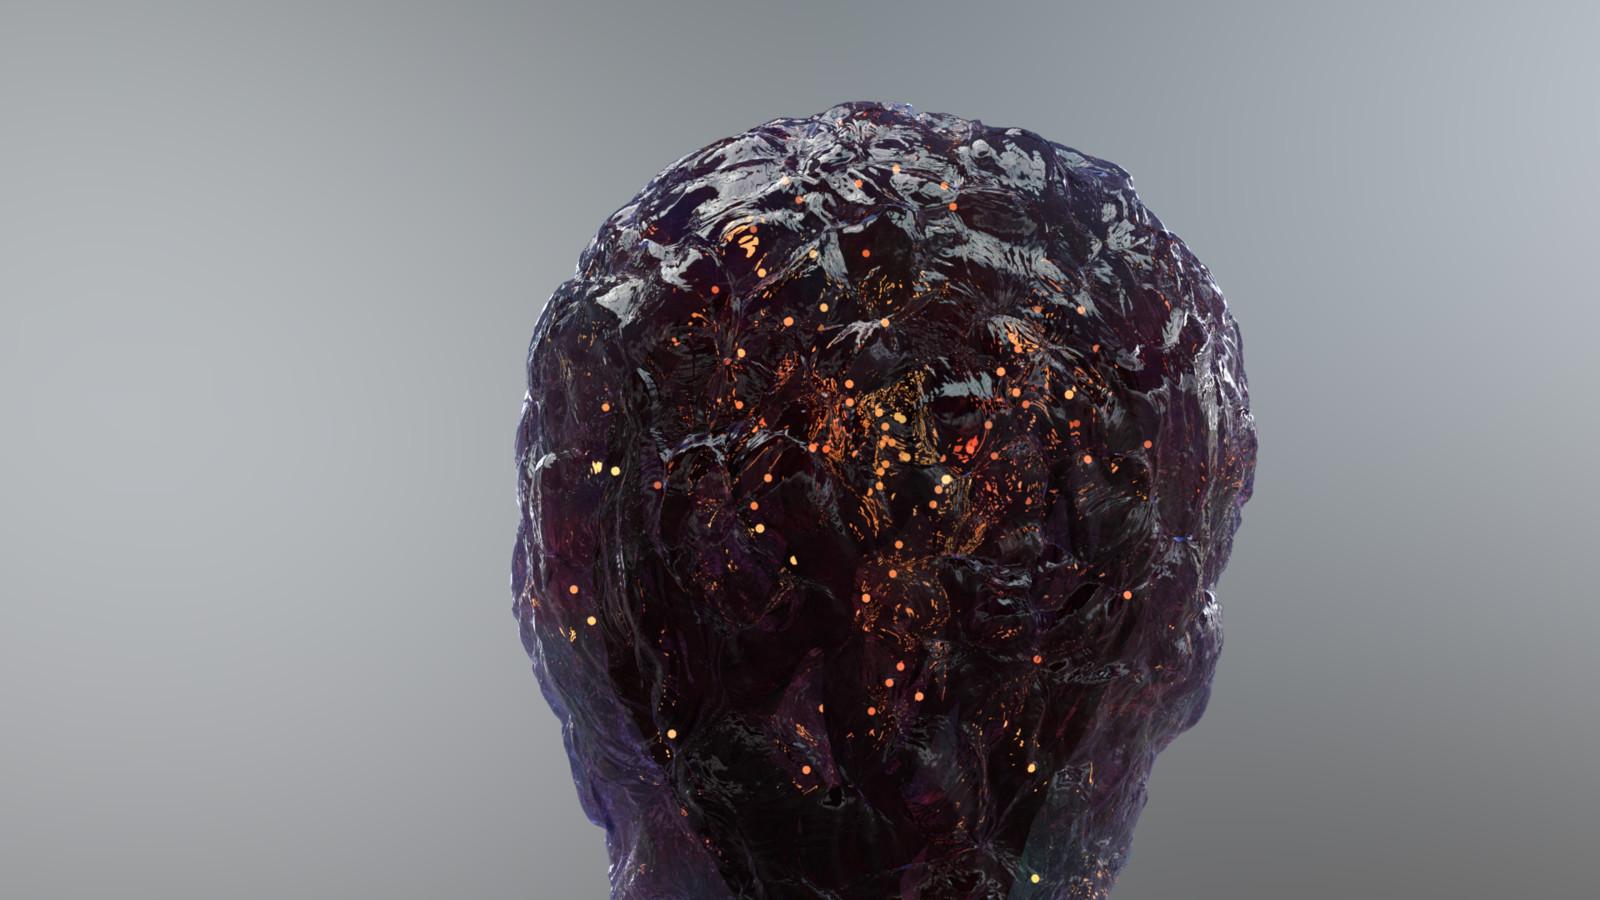 Abstract Blob